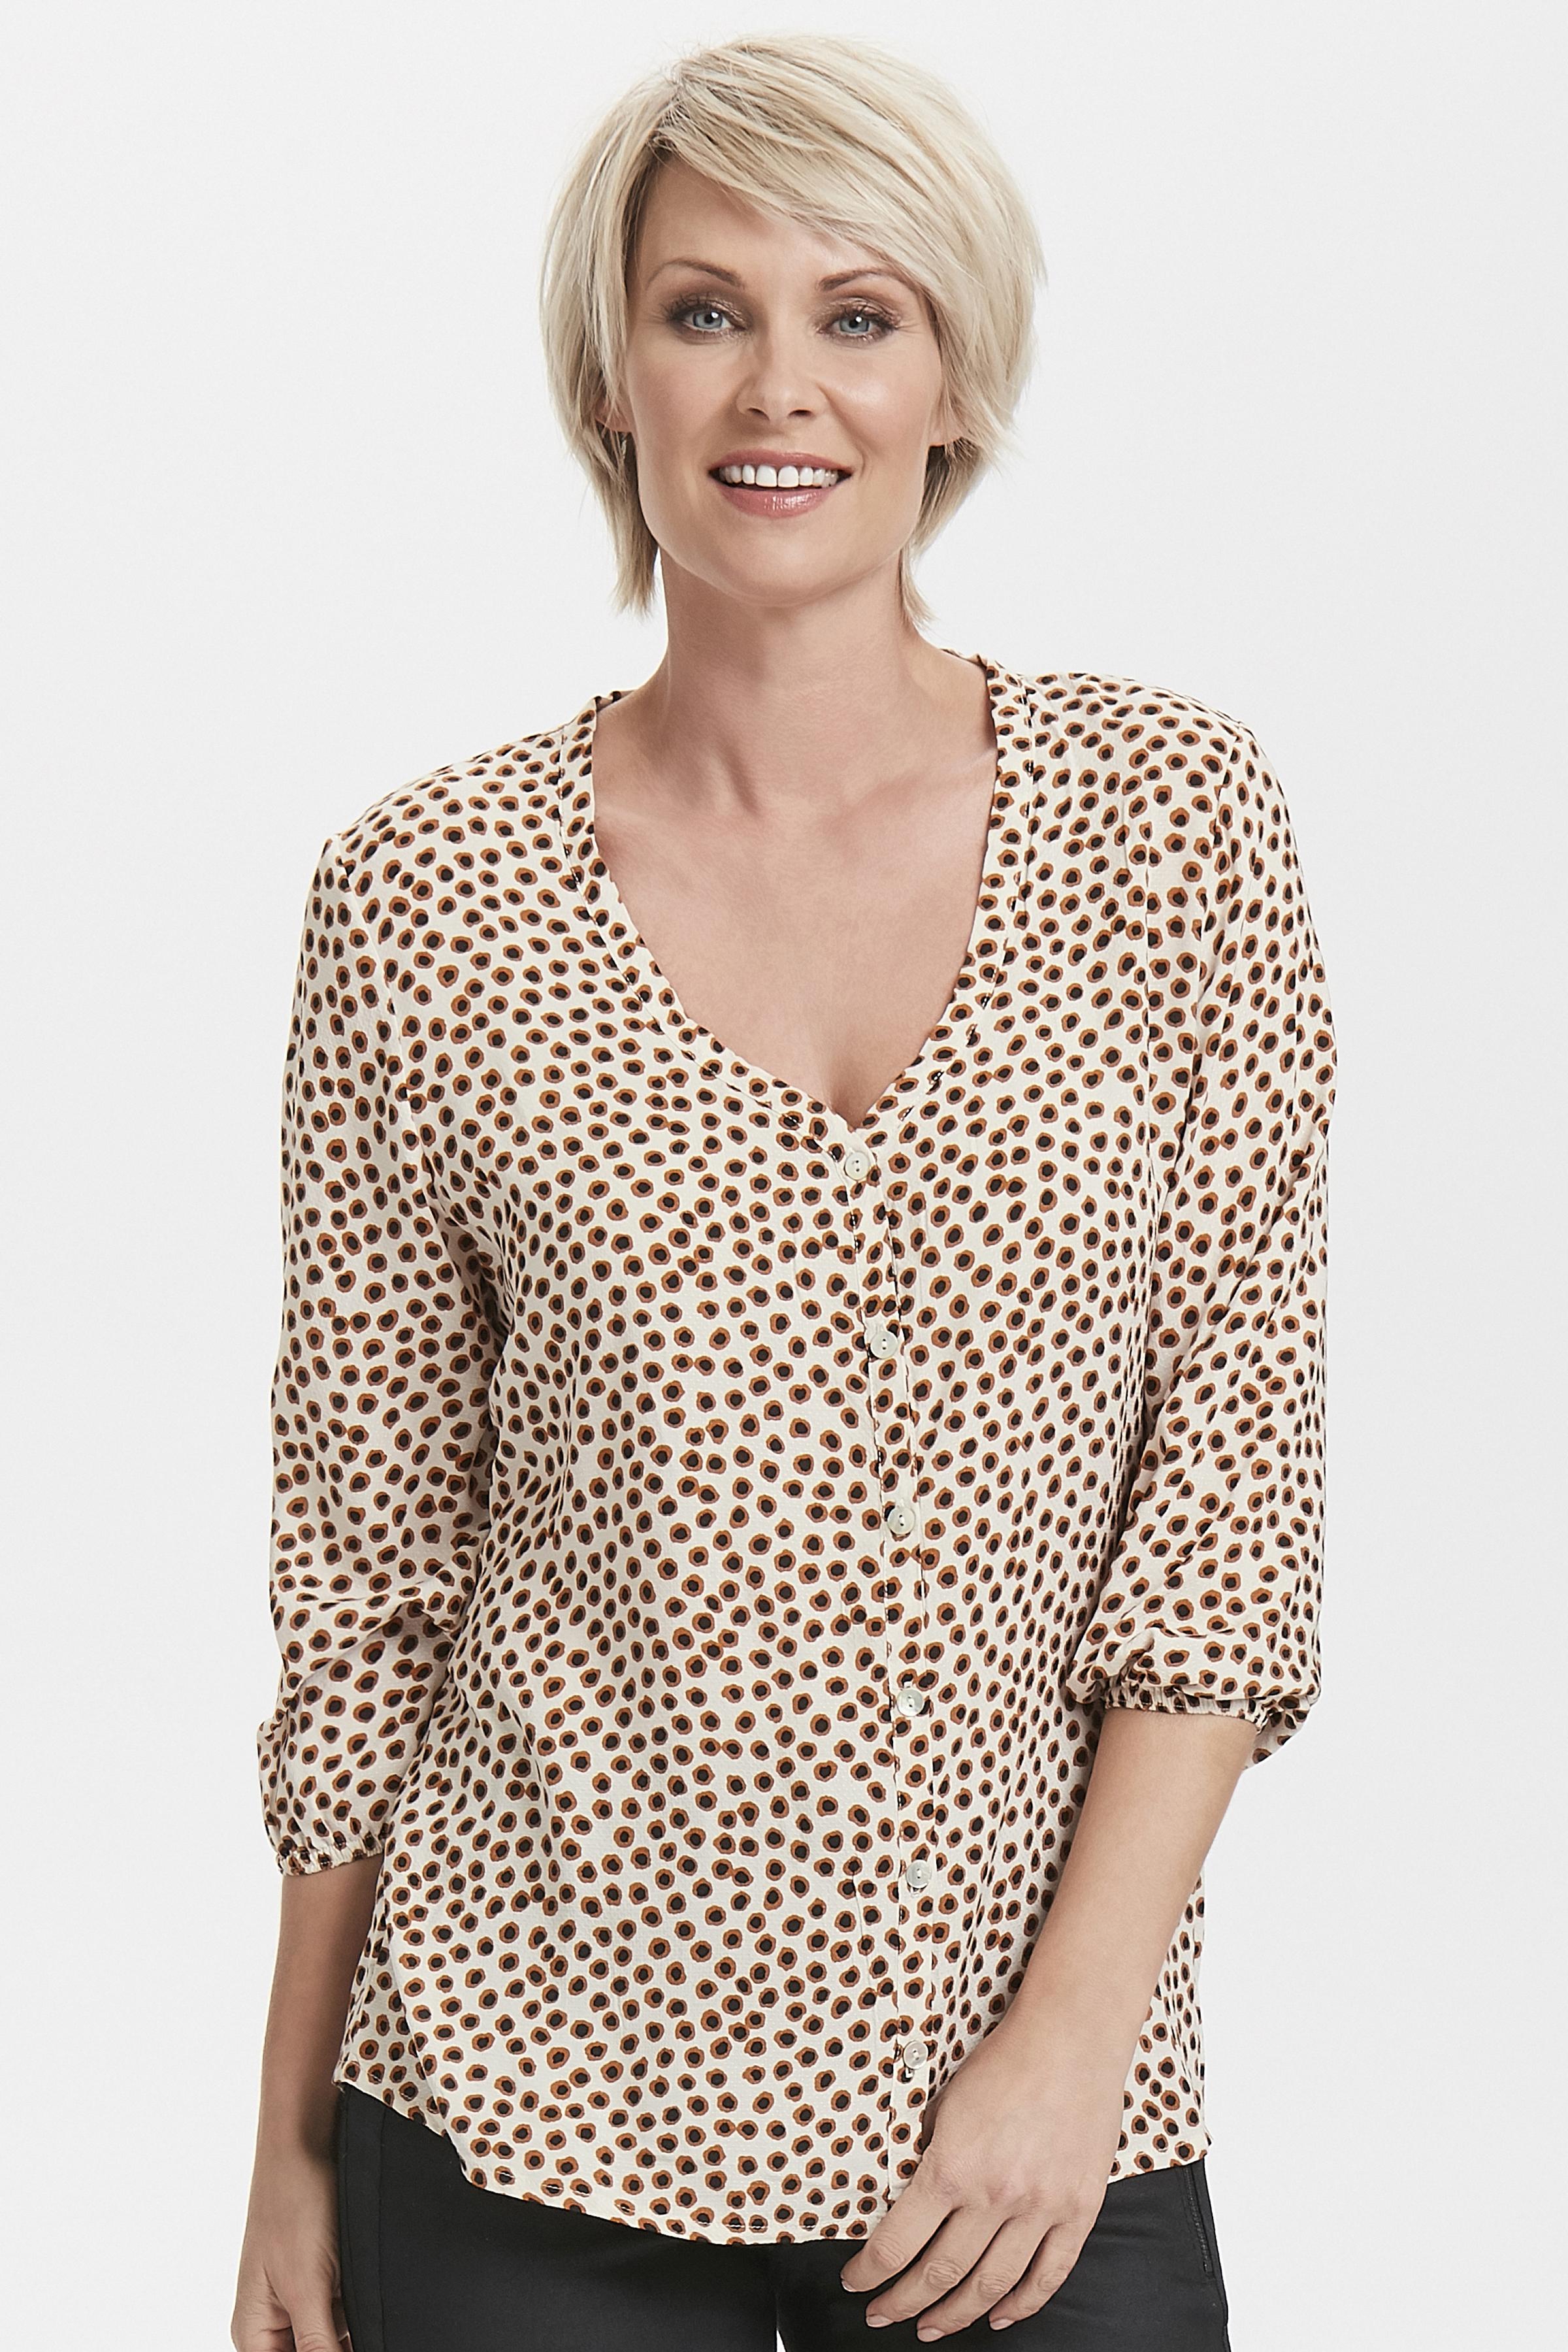 Wollweiß/sand Langarm-Bluse von Cream – Shoppen Sie Wollweiß/sand Langarm-Bluse ab Gr. 34-46 hier